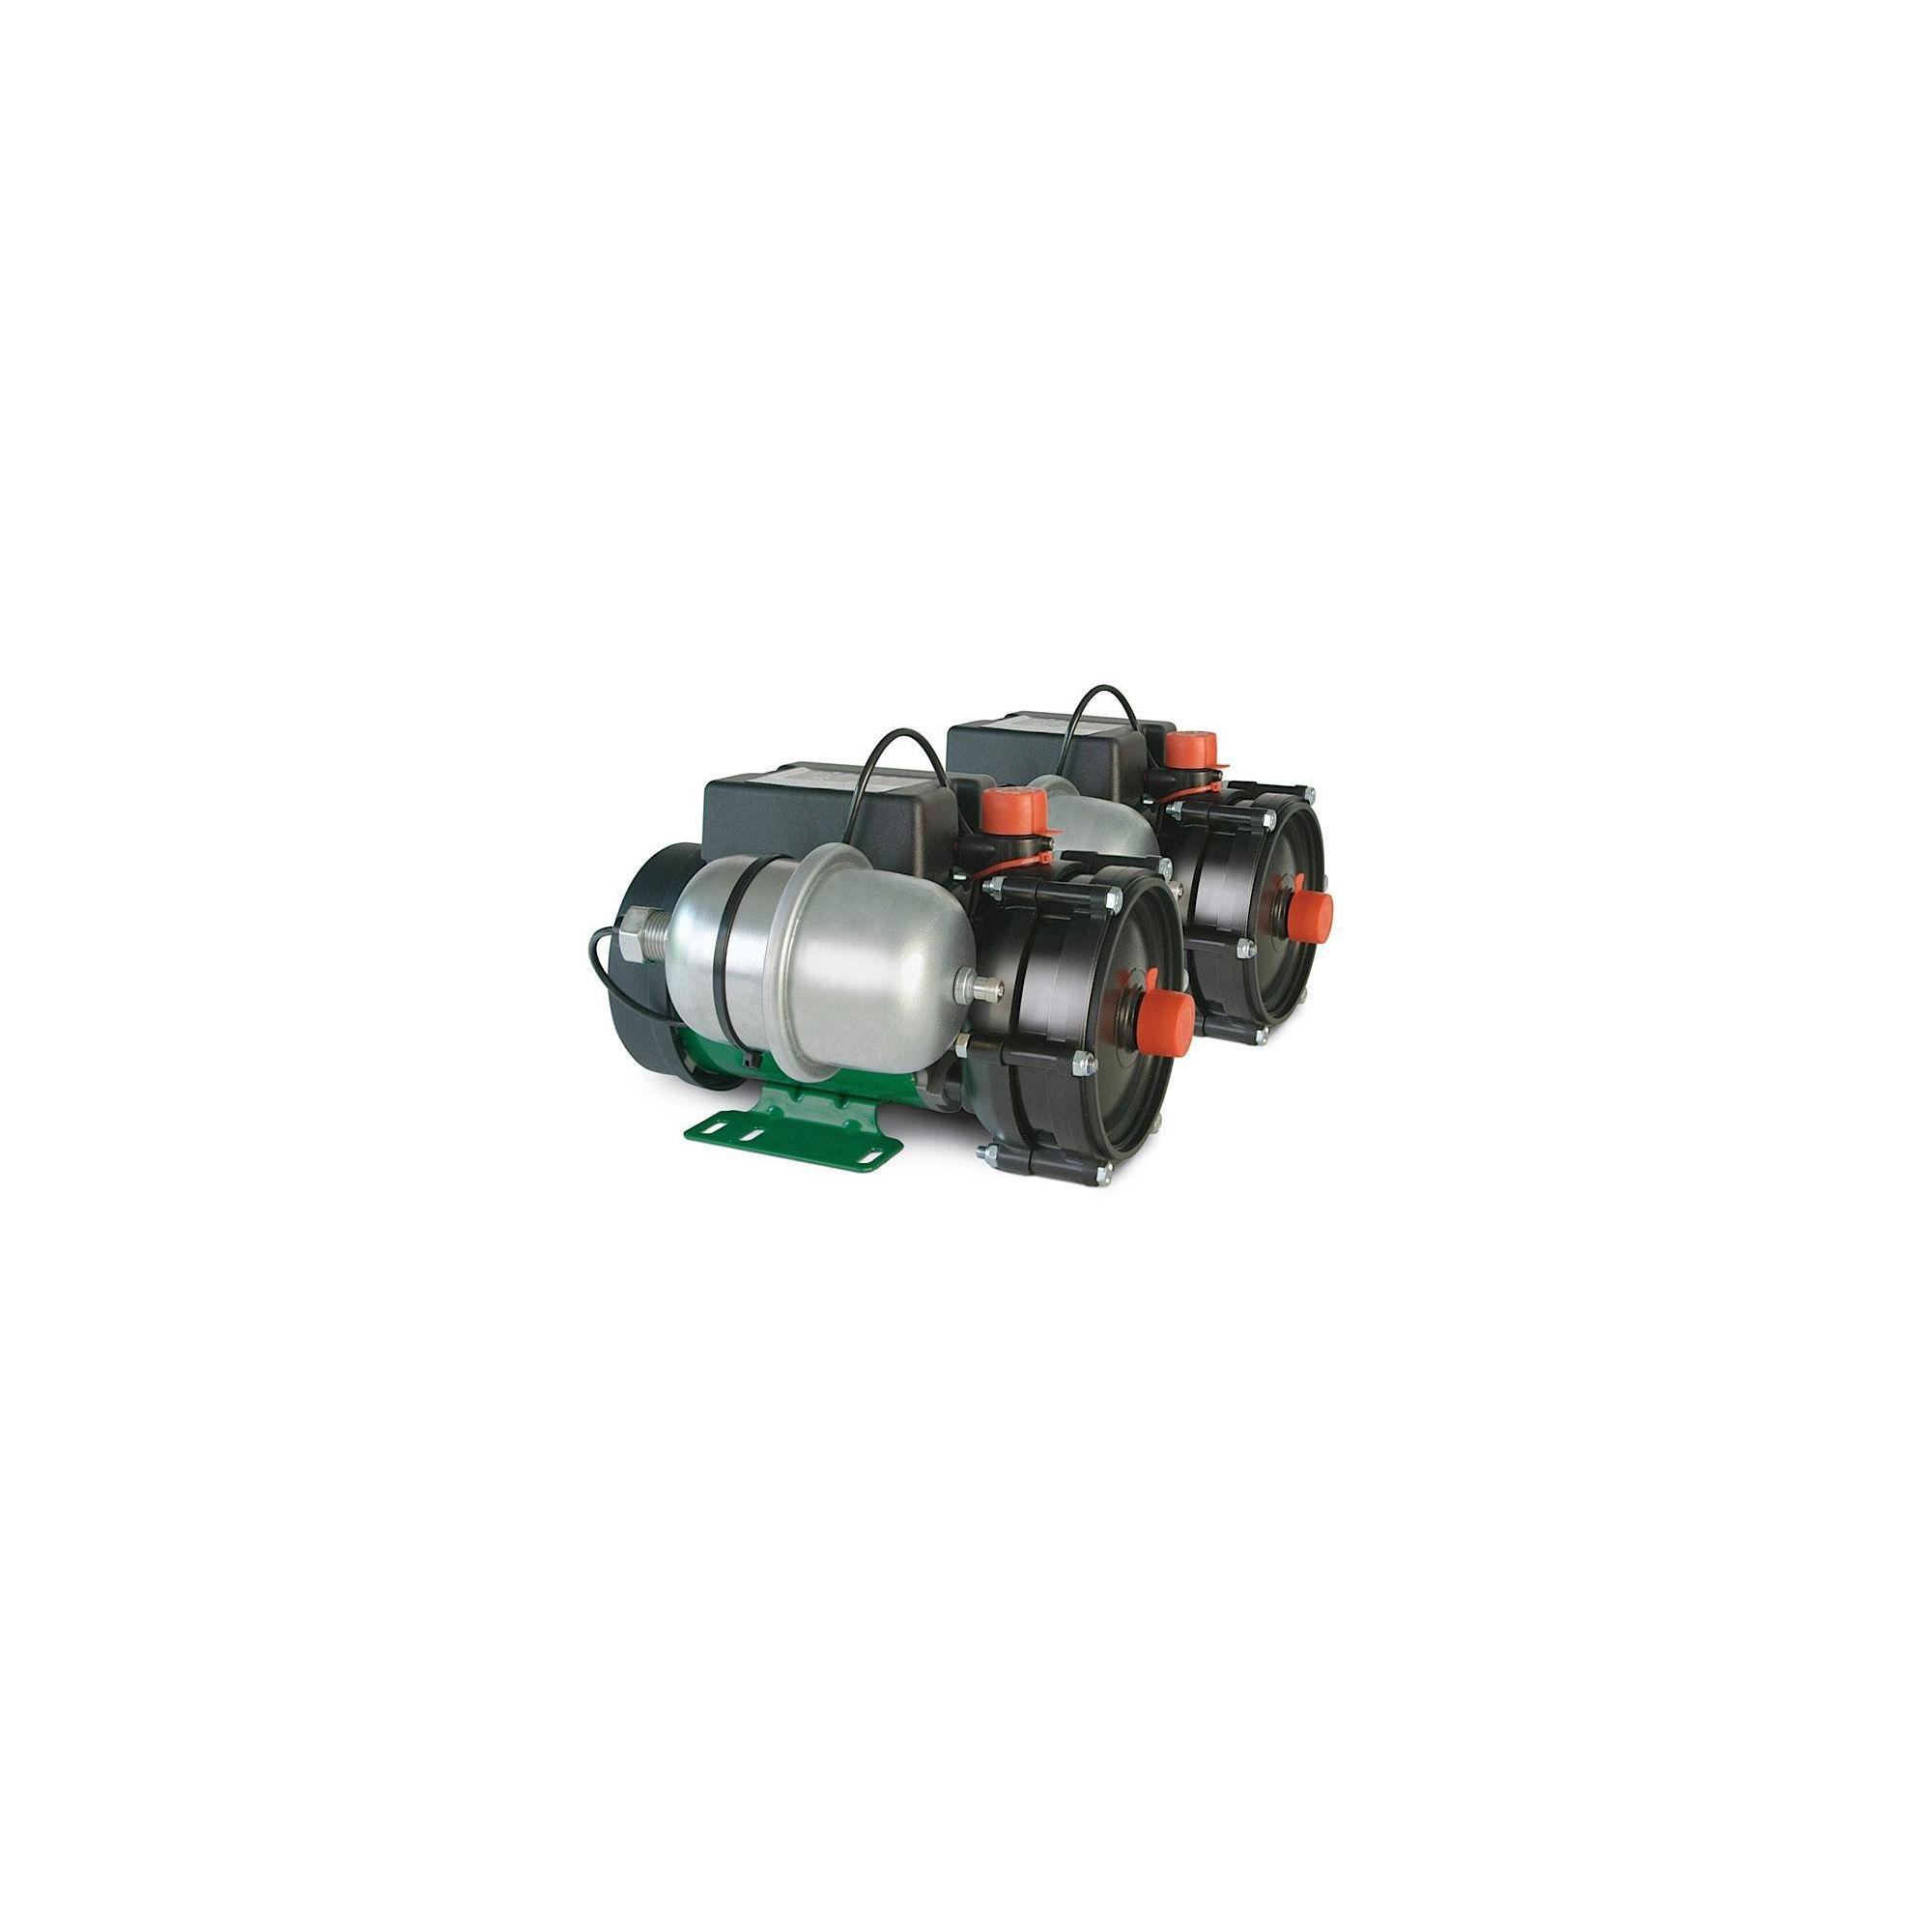 Salamander ESP 150 CPV SB Super Booster Single Impeller Shower Pumps, Positive or Negative Heads, 4.5 Bar at Tesco Direct